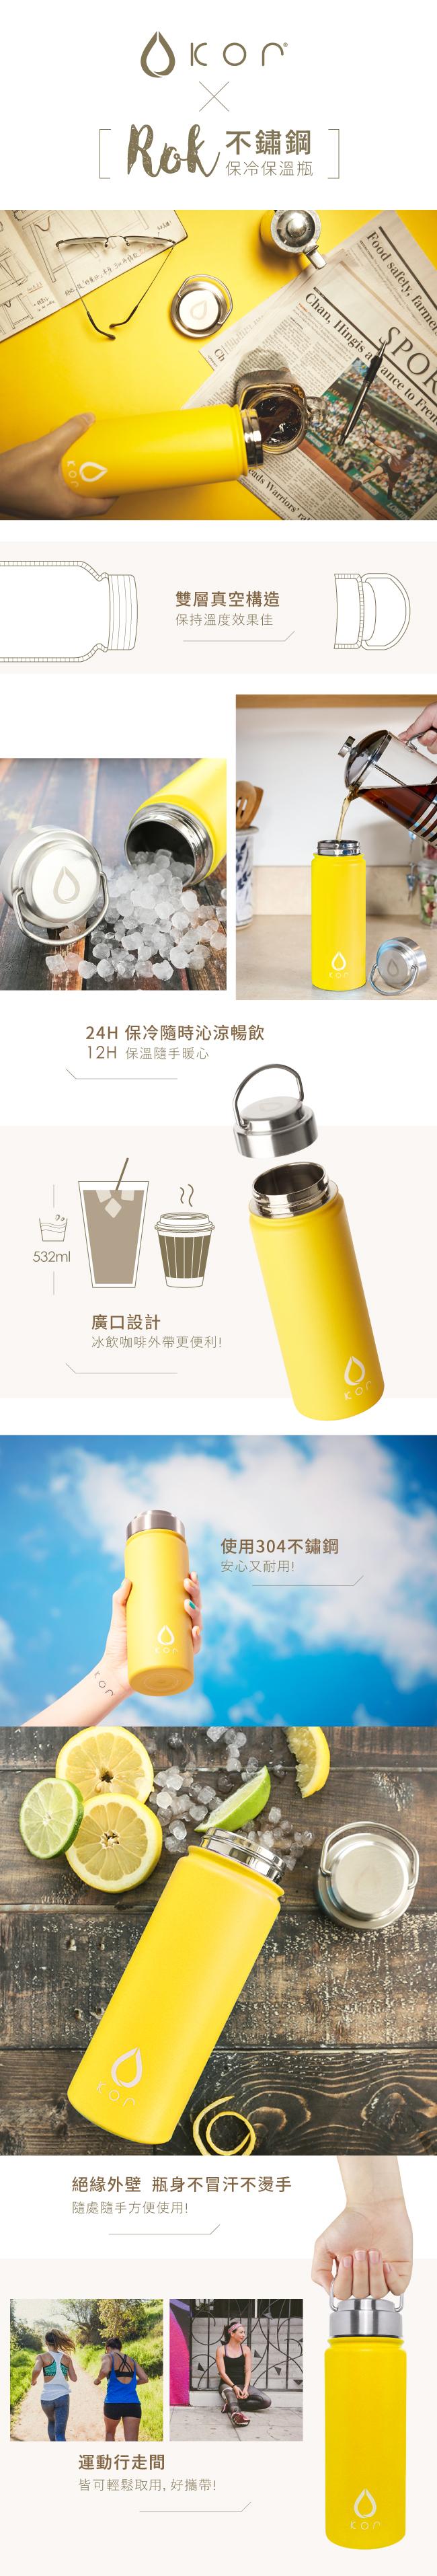 美國KORwater|ROK304不鏽鋼隨身保冷保溫瓶-搖滾黃